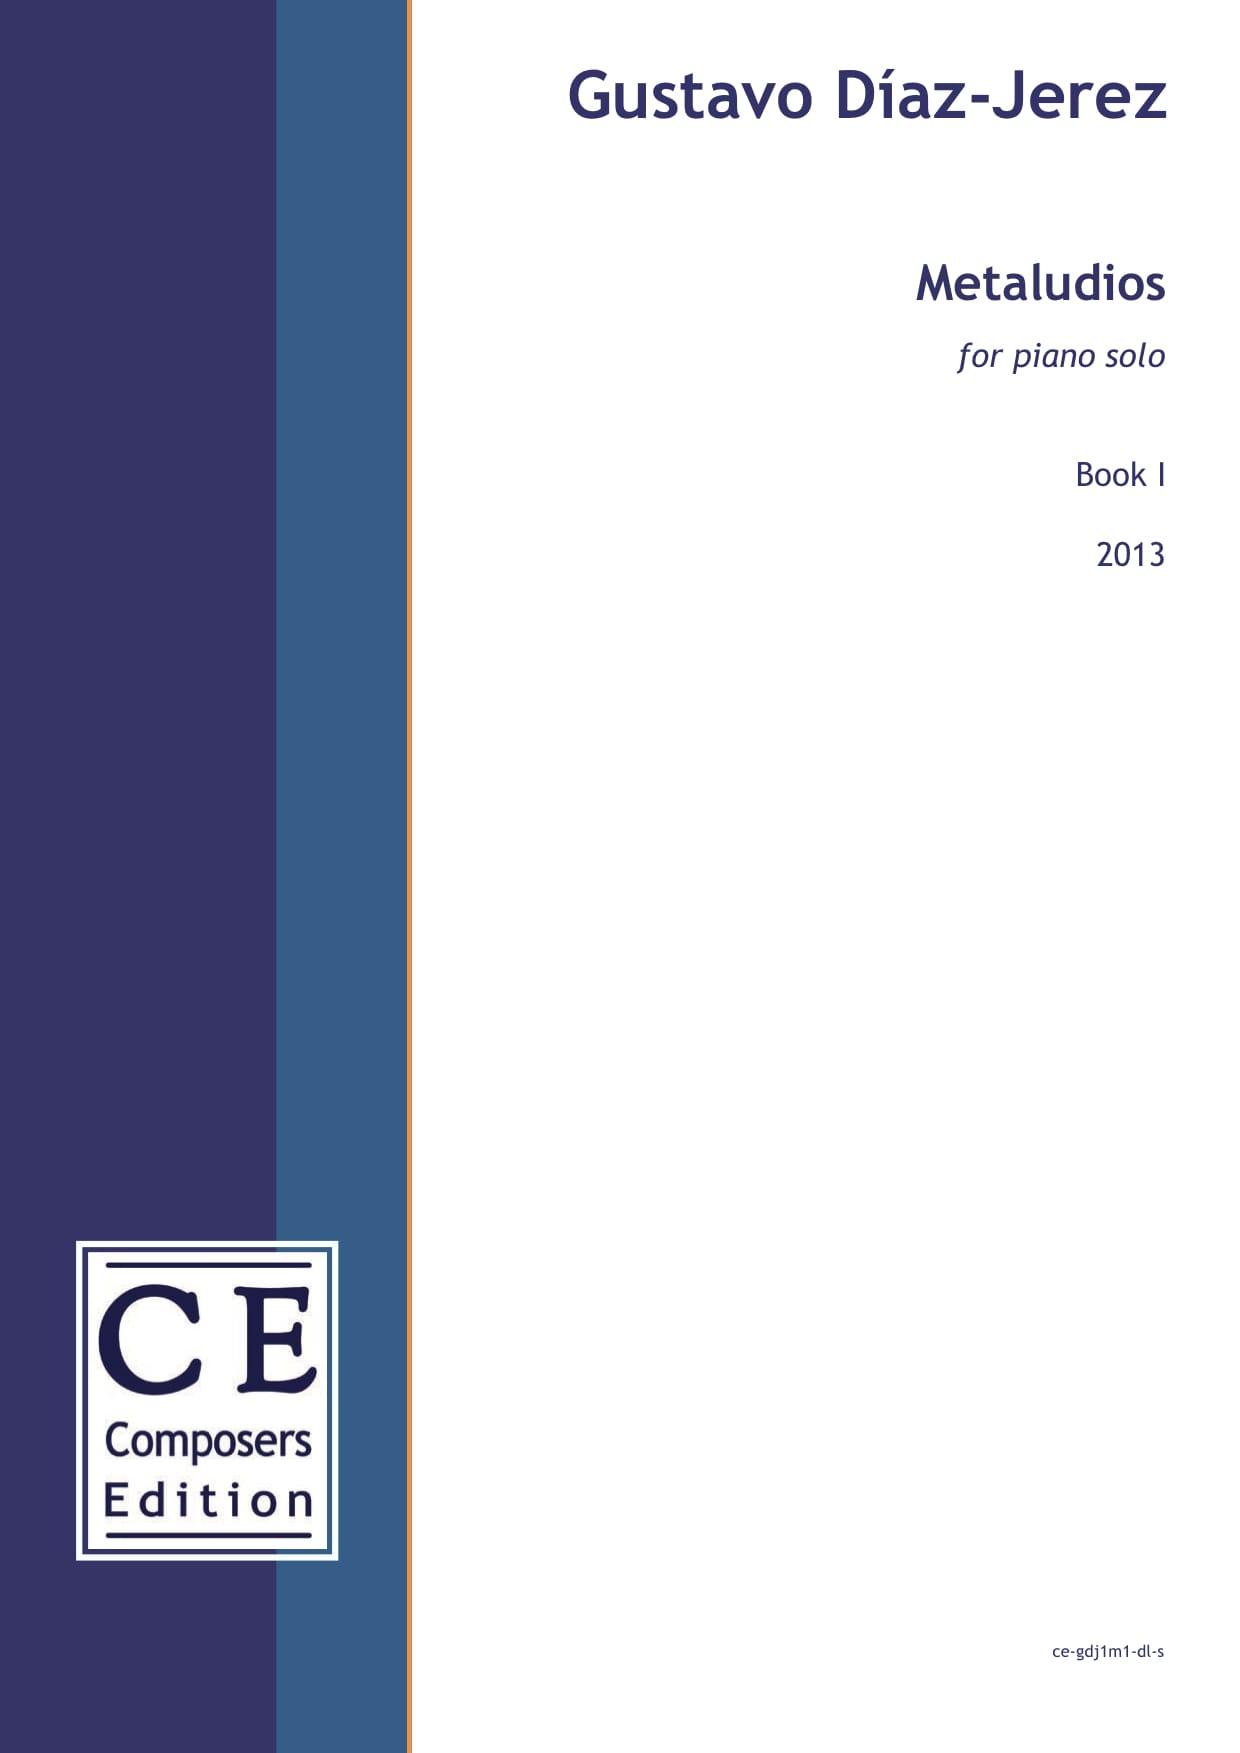 Gustavo Diaz-Jerez: Metaludios (Book I) for piano solo